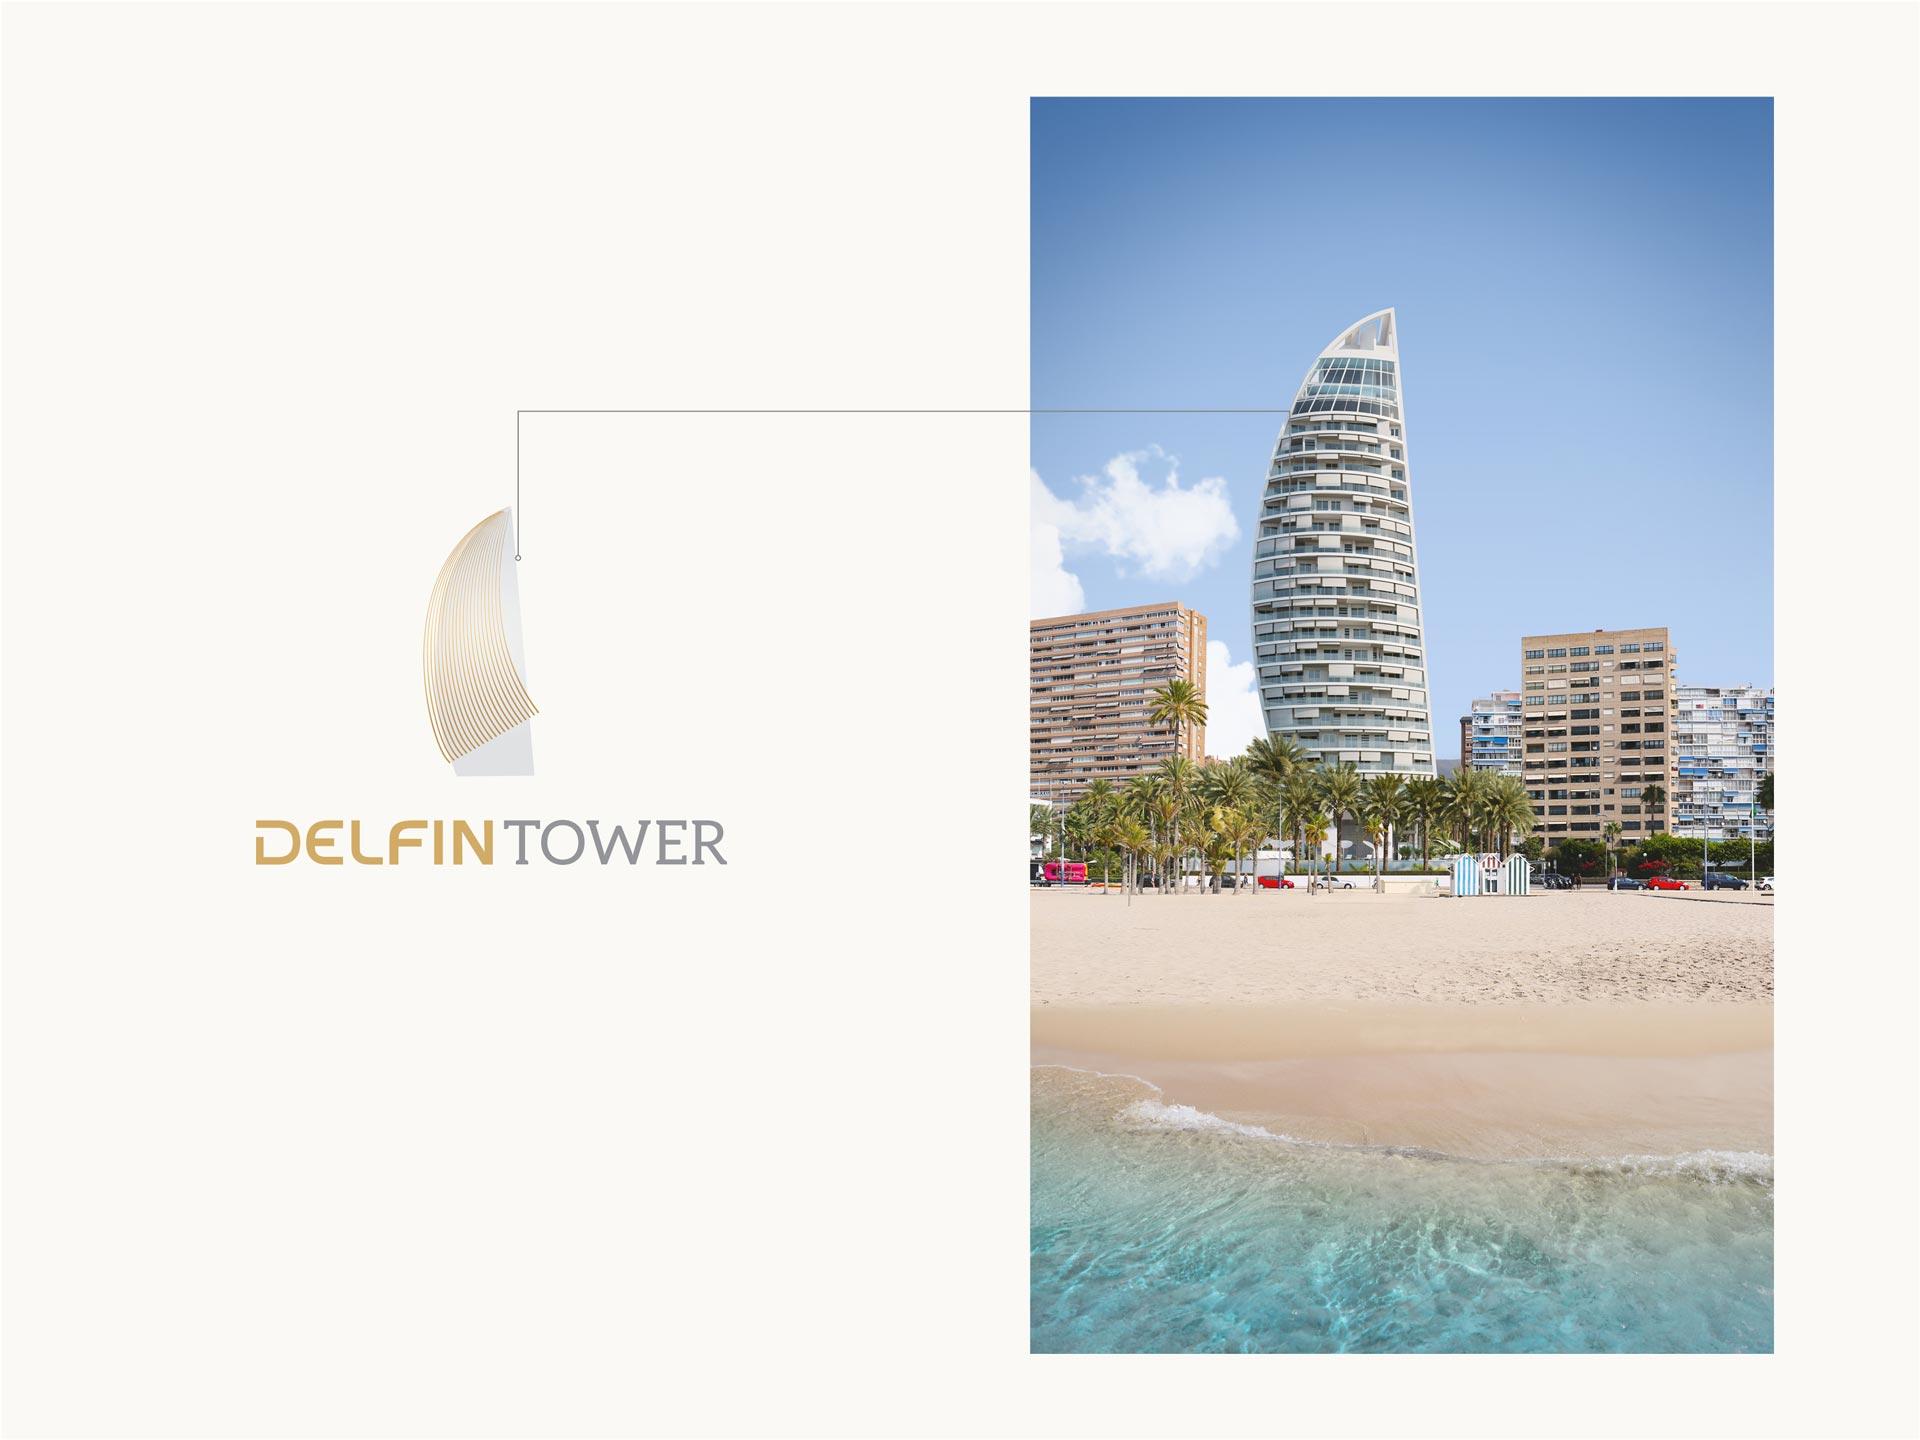 giset design delfin tower construccion del logo